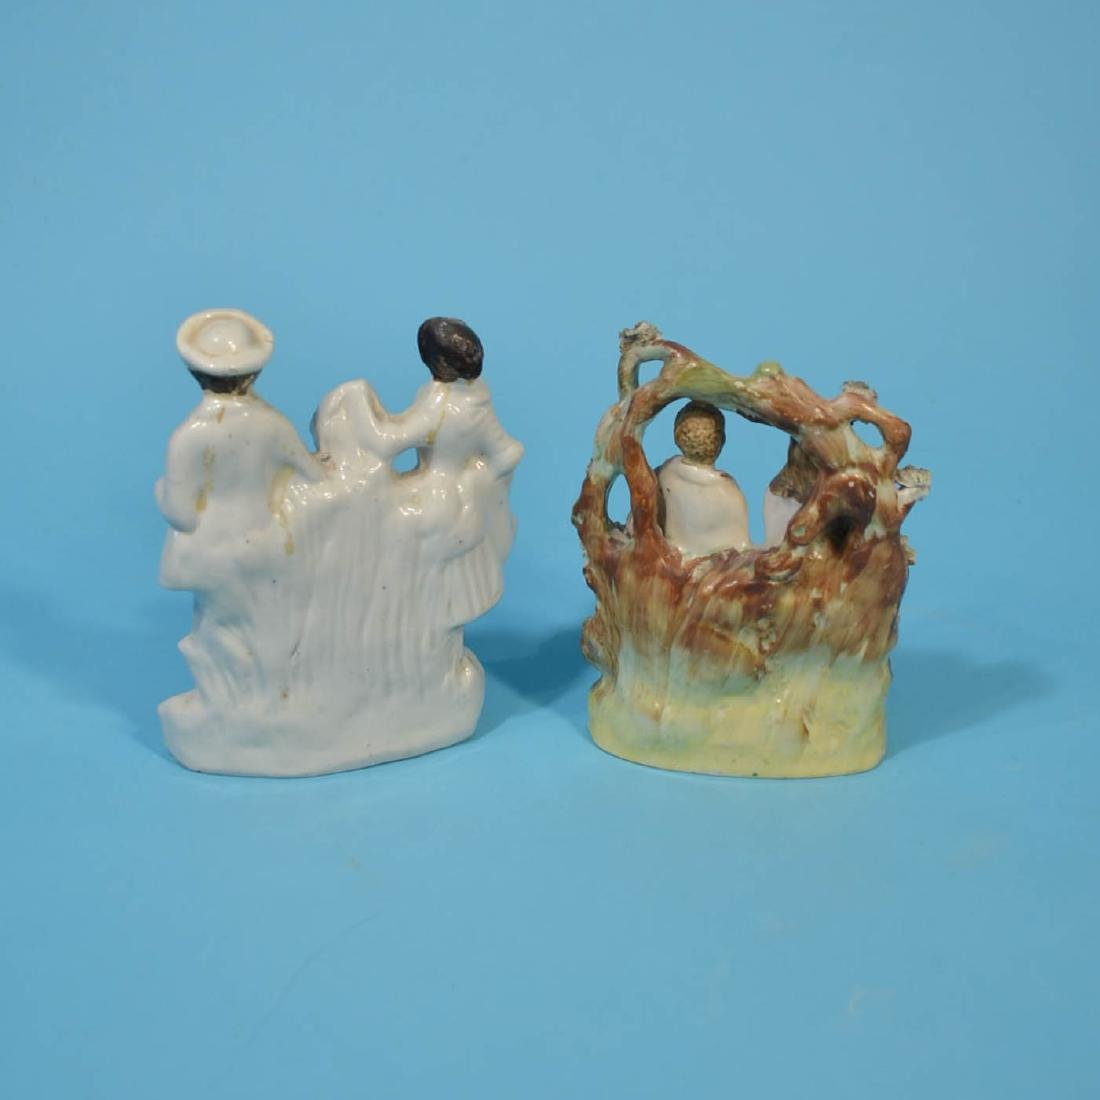 6 Staffordshire Porcelain Figures - 3